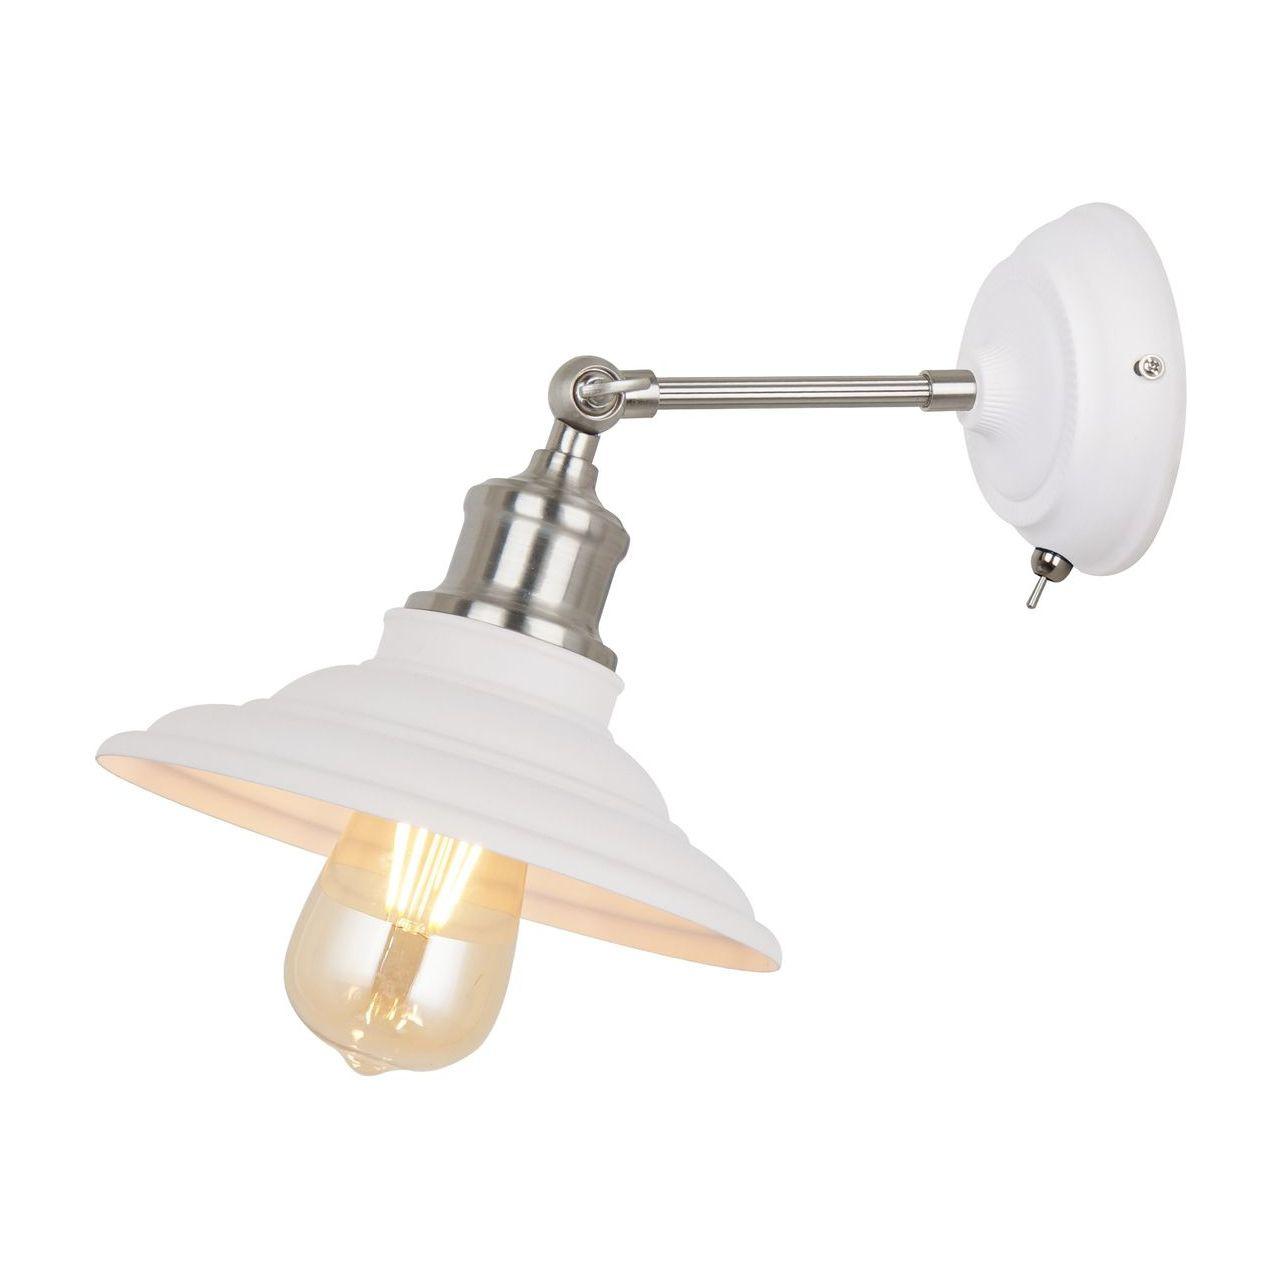 Спот Arte Lamp A5067AP-1WH спот arte lamp a5067ap 1bk